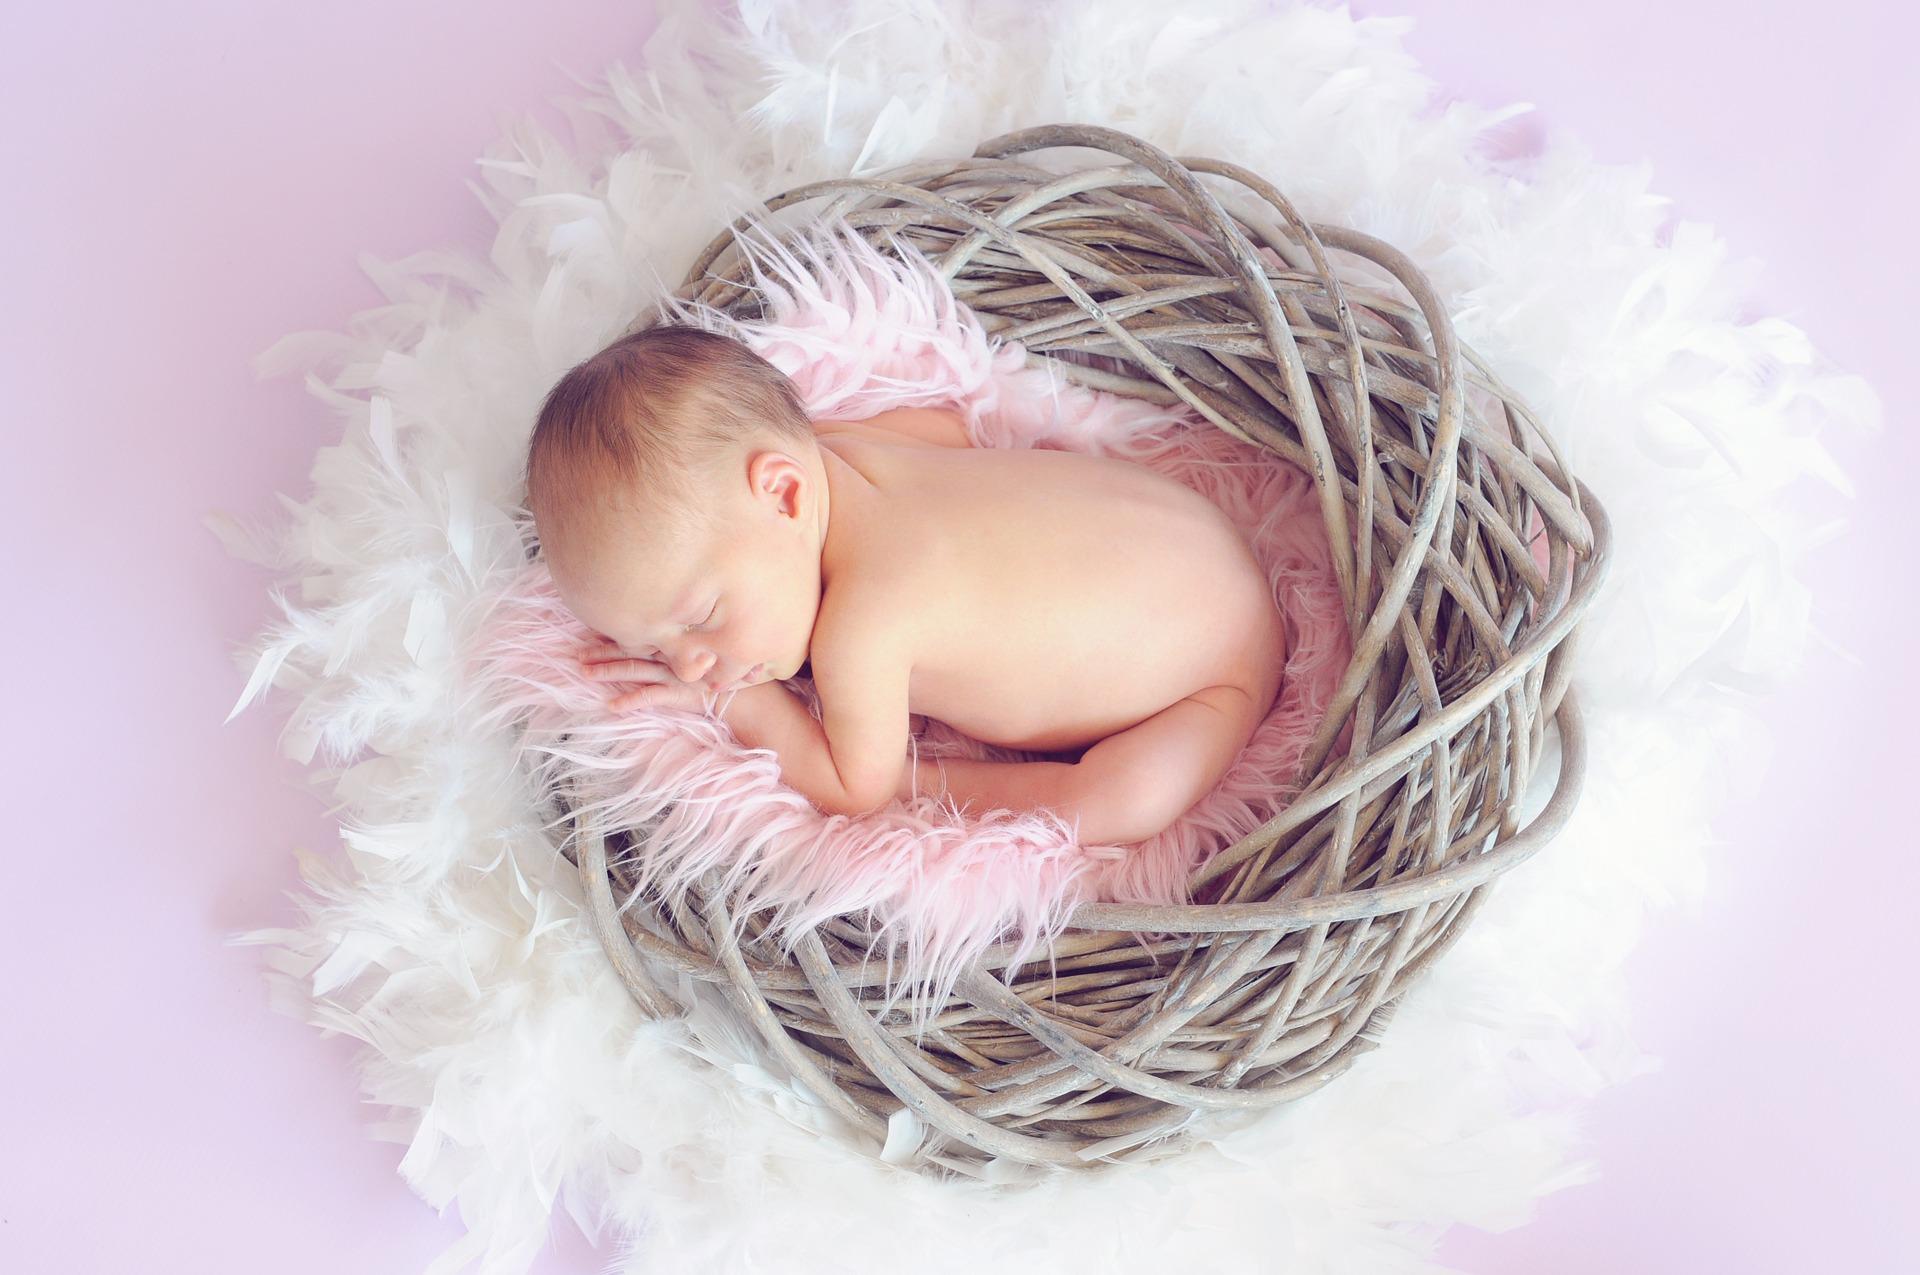 Neonato dorme , bambini malattie infiammatorie intestinali